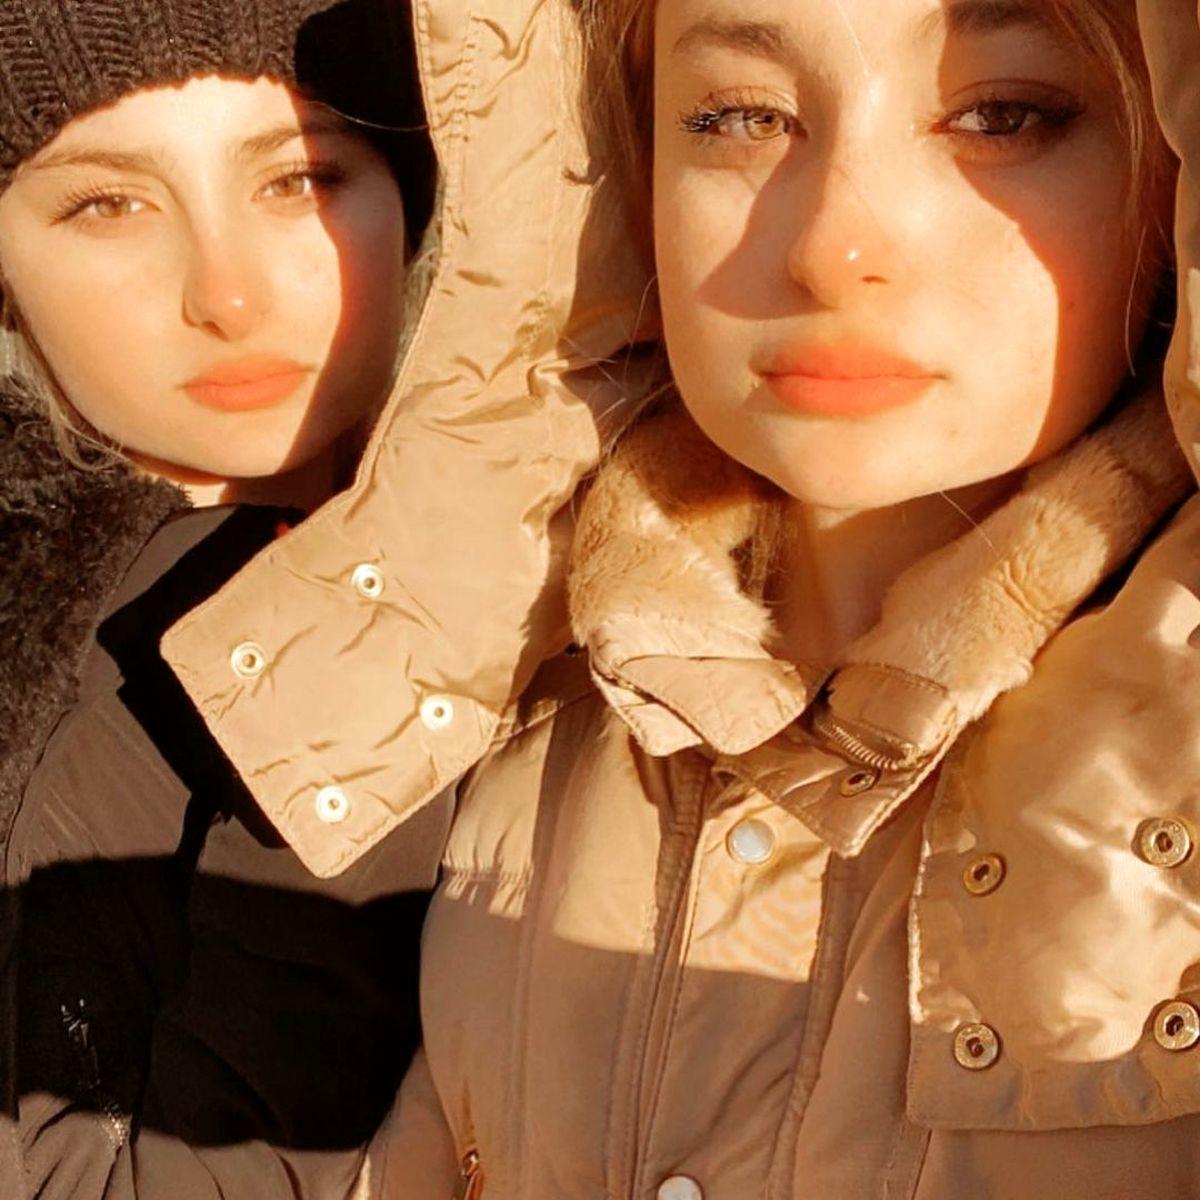 عکس شوکه کننده از سارا و نیکا | عکسهای سارا و نیکا در خارج